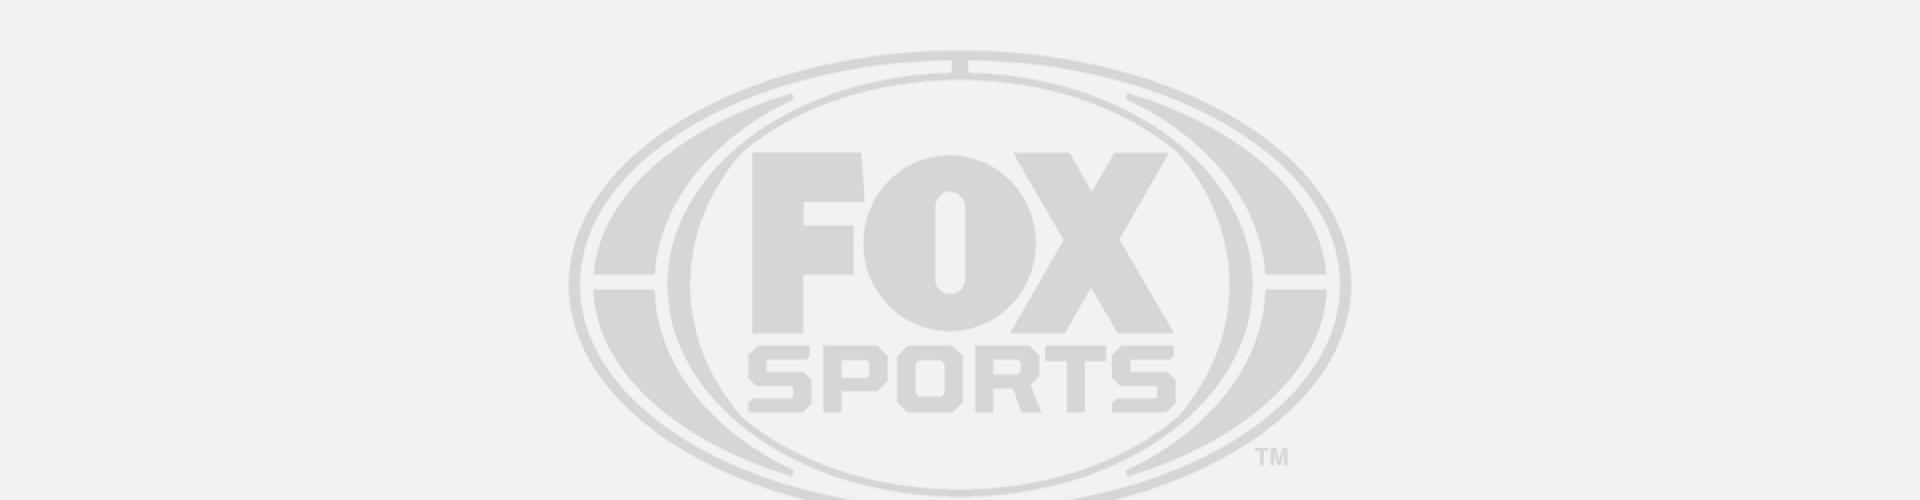 Former Alabama prep star Davenport transfers to Georgia